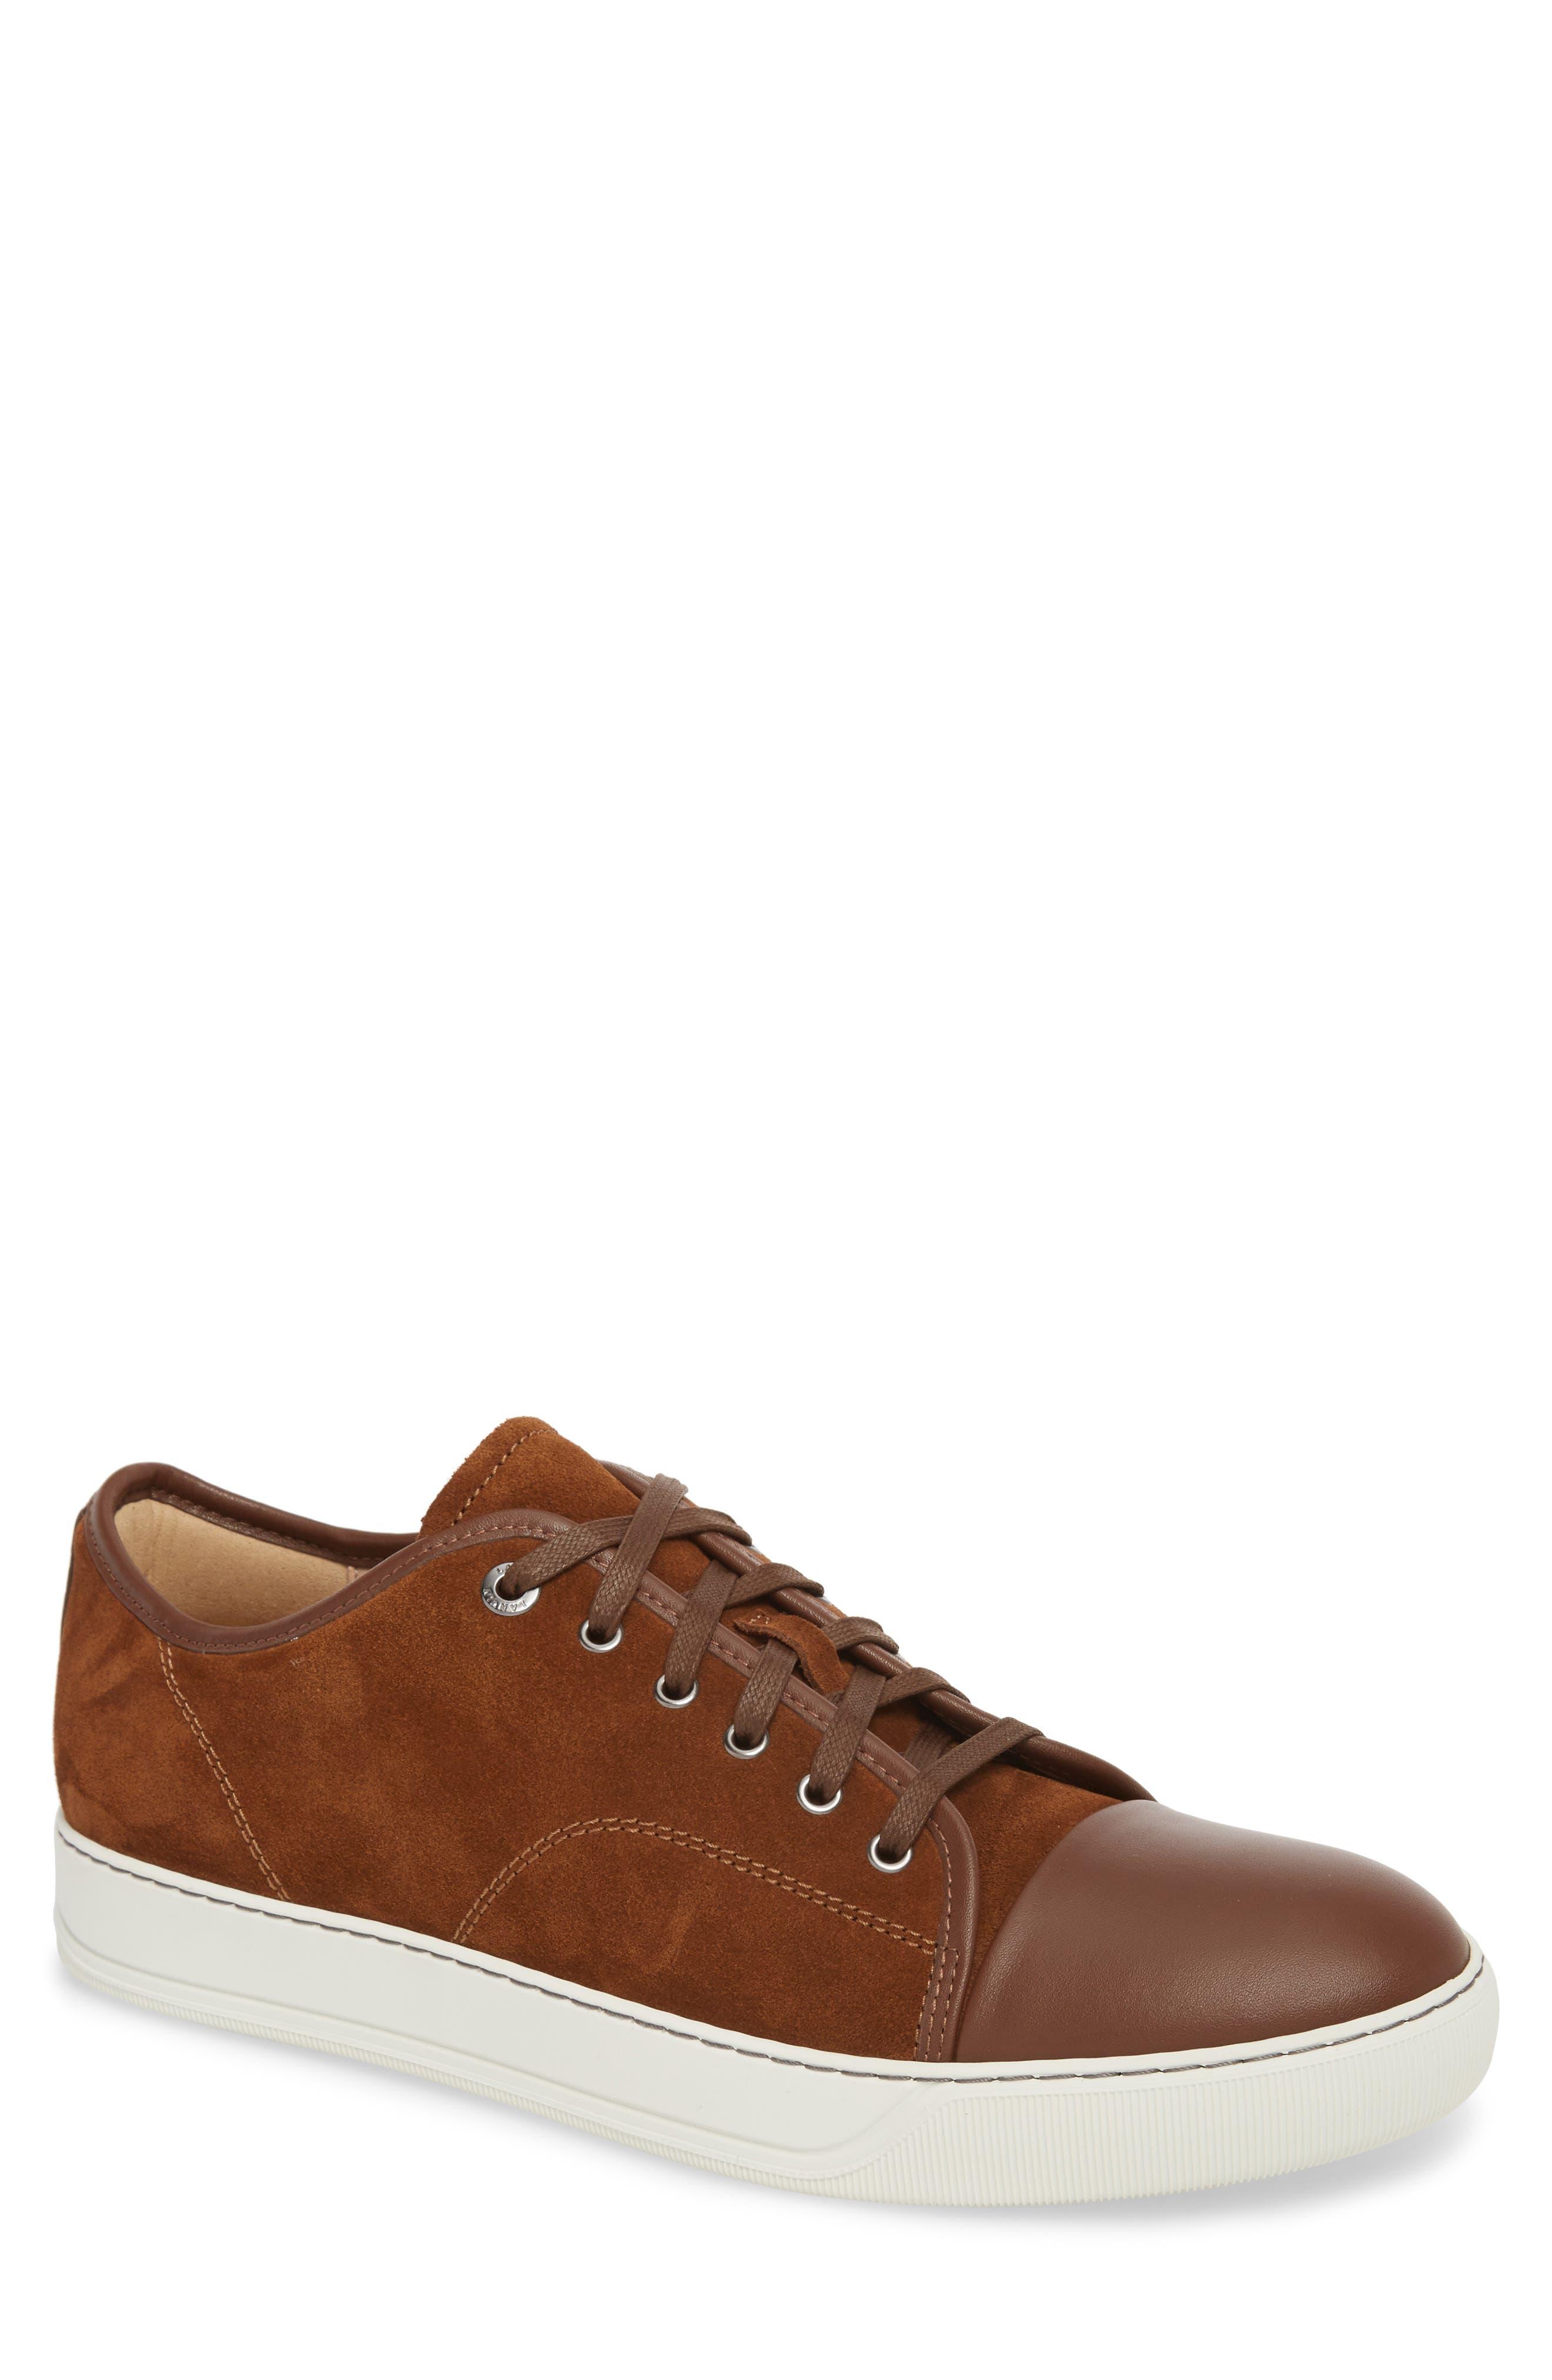 Low Top Sneaker,                             Main thumbnail 1, color,                             LIGHT BROWN